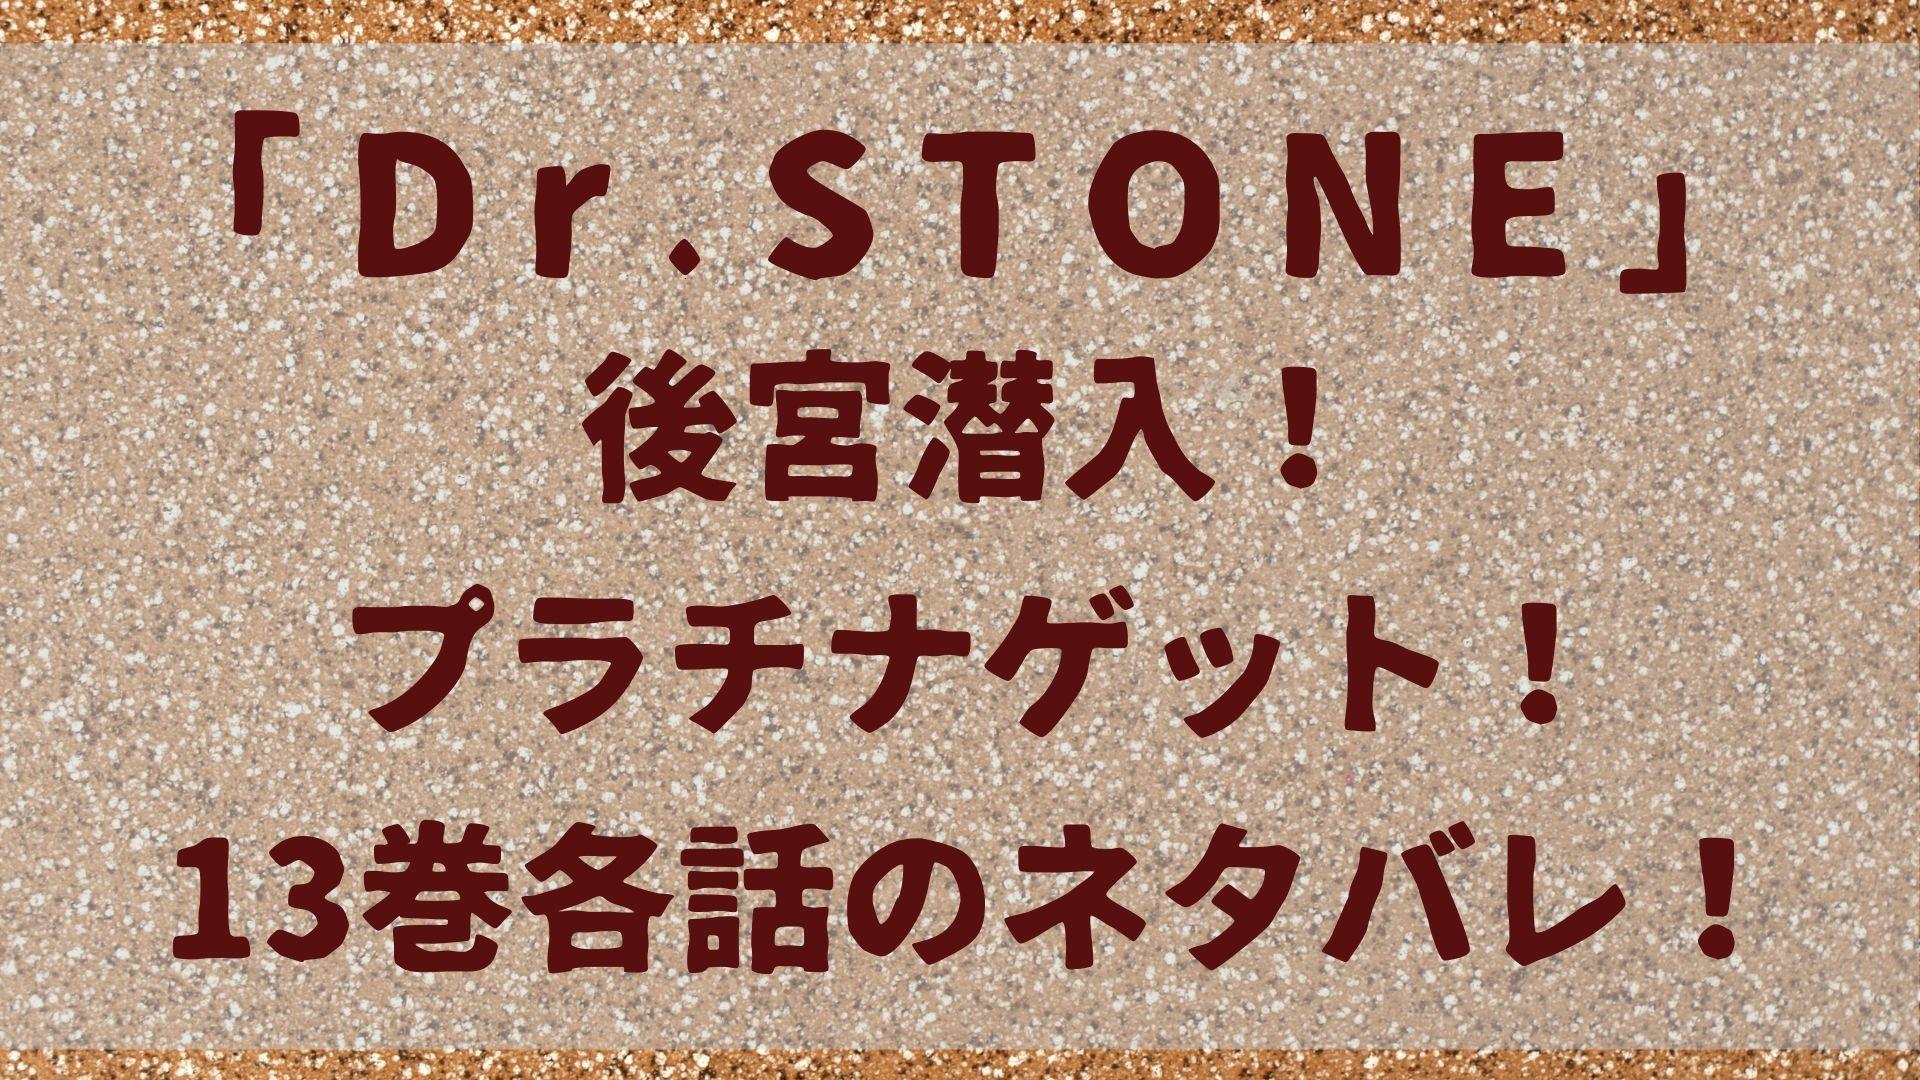 Dr.Stone「ドクターストーン」後宮潜入!プラチナゲット!13巻各話のネタバレ!